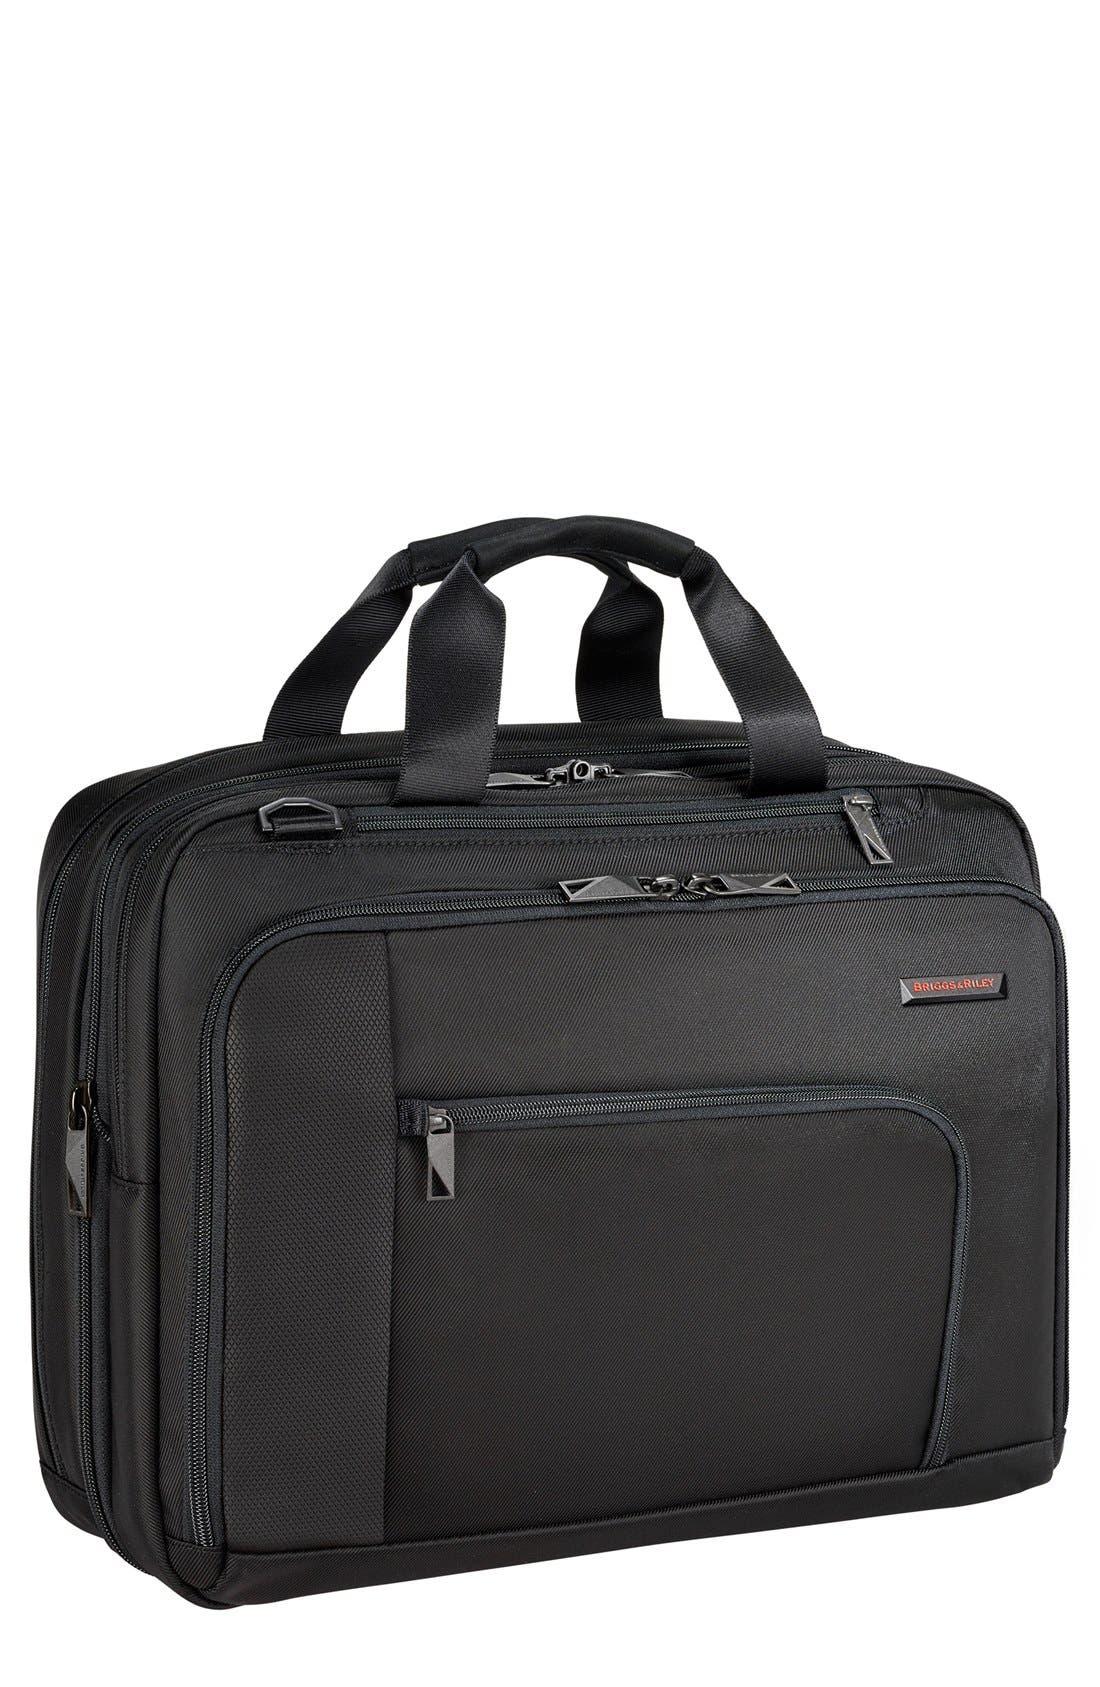 BRIGGS & RILEY 'Verb - Adapt' Expandable Briefcase